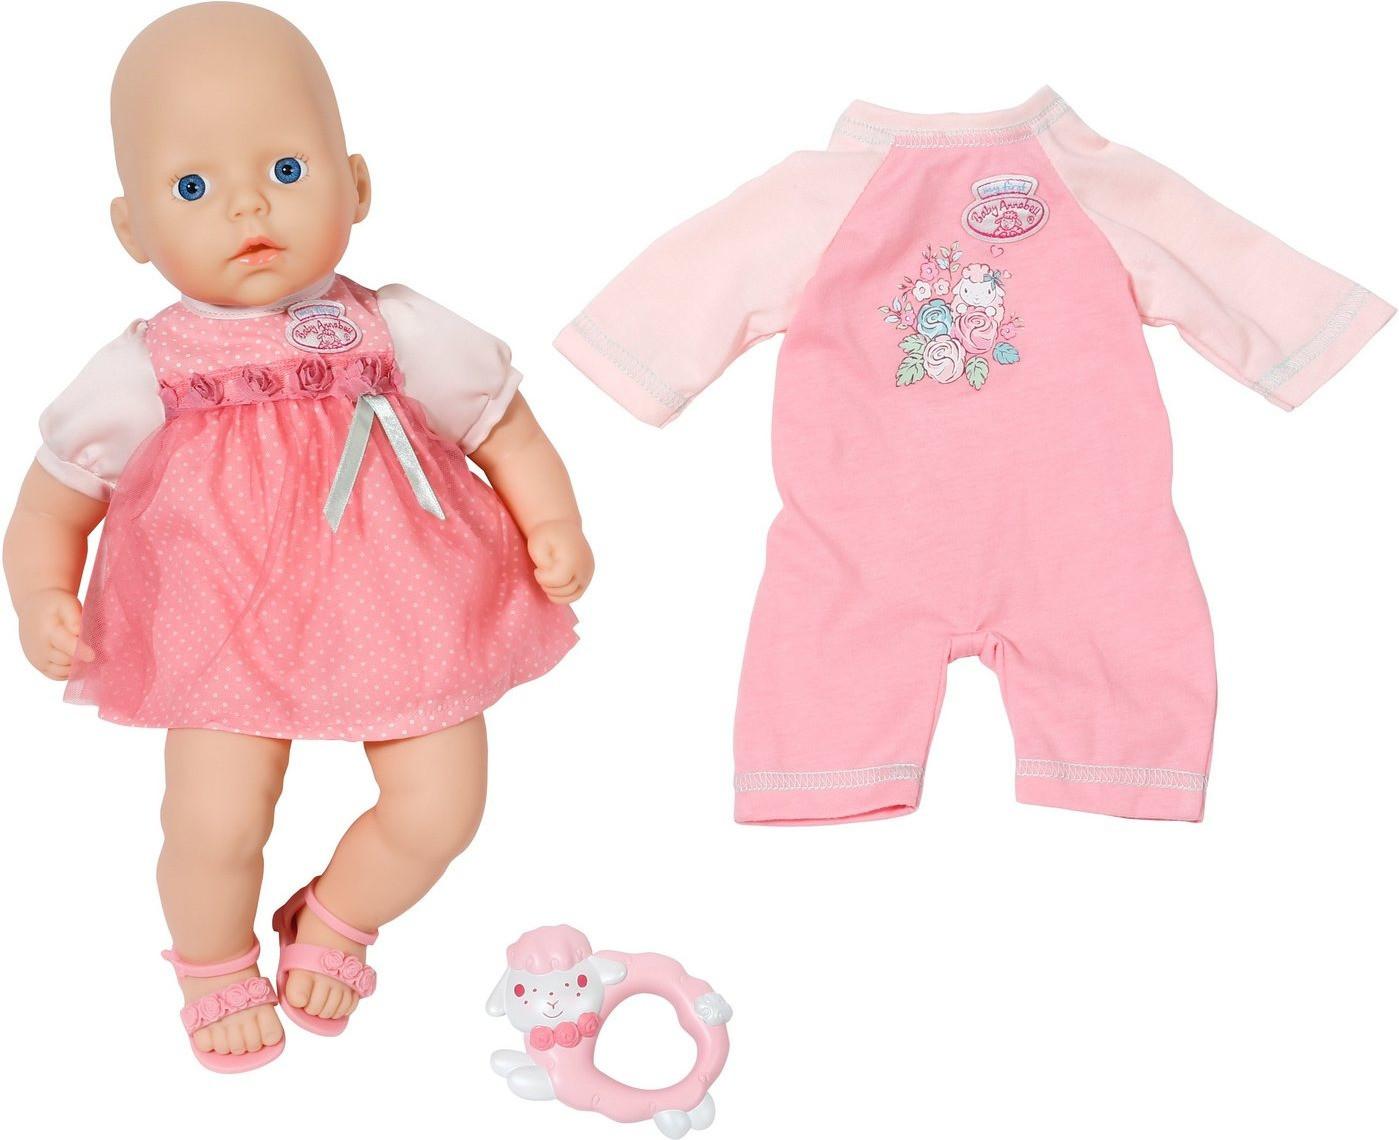 Baby Annabell my first - RosenSet mit Strampler (794333)